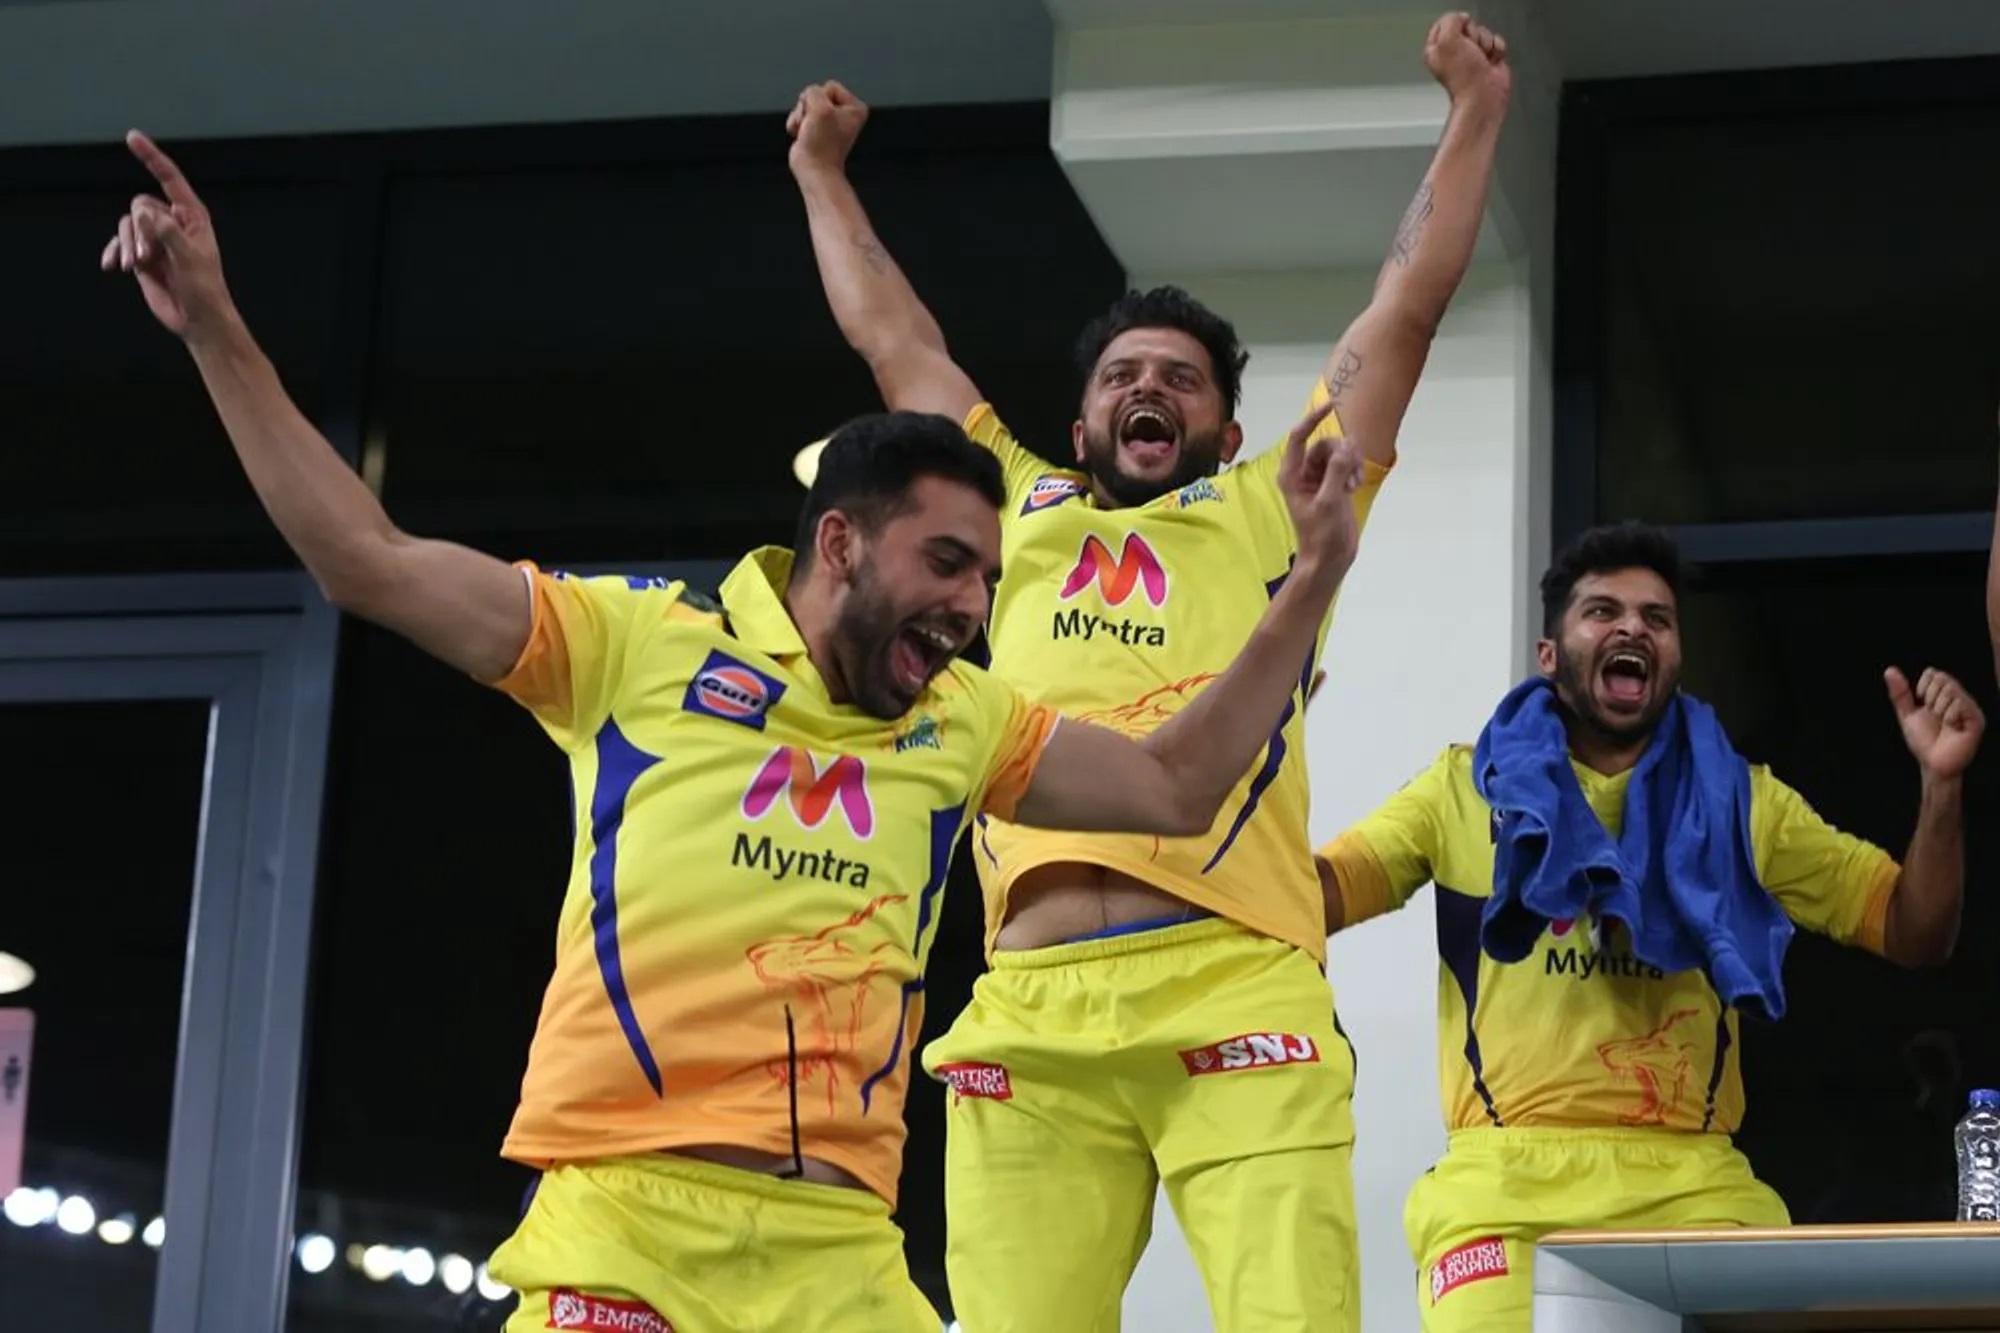 इधर धोनी ने विजयी चौका लगाया था उधर सुरेश रैना, दीपक चाहर और दूसरे खिलाड़ी स्टैंड में उछल पड़े।